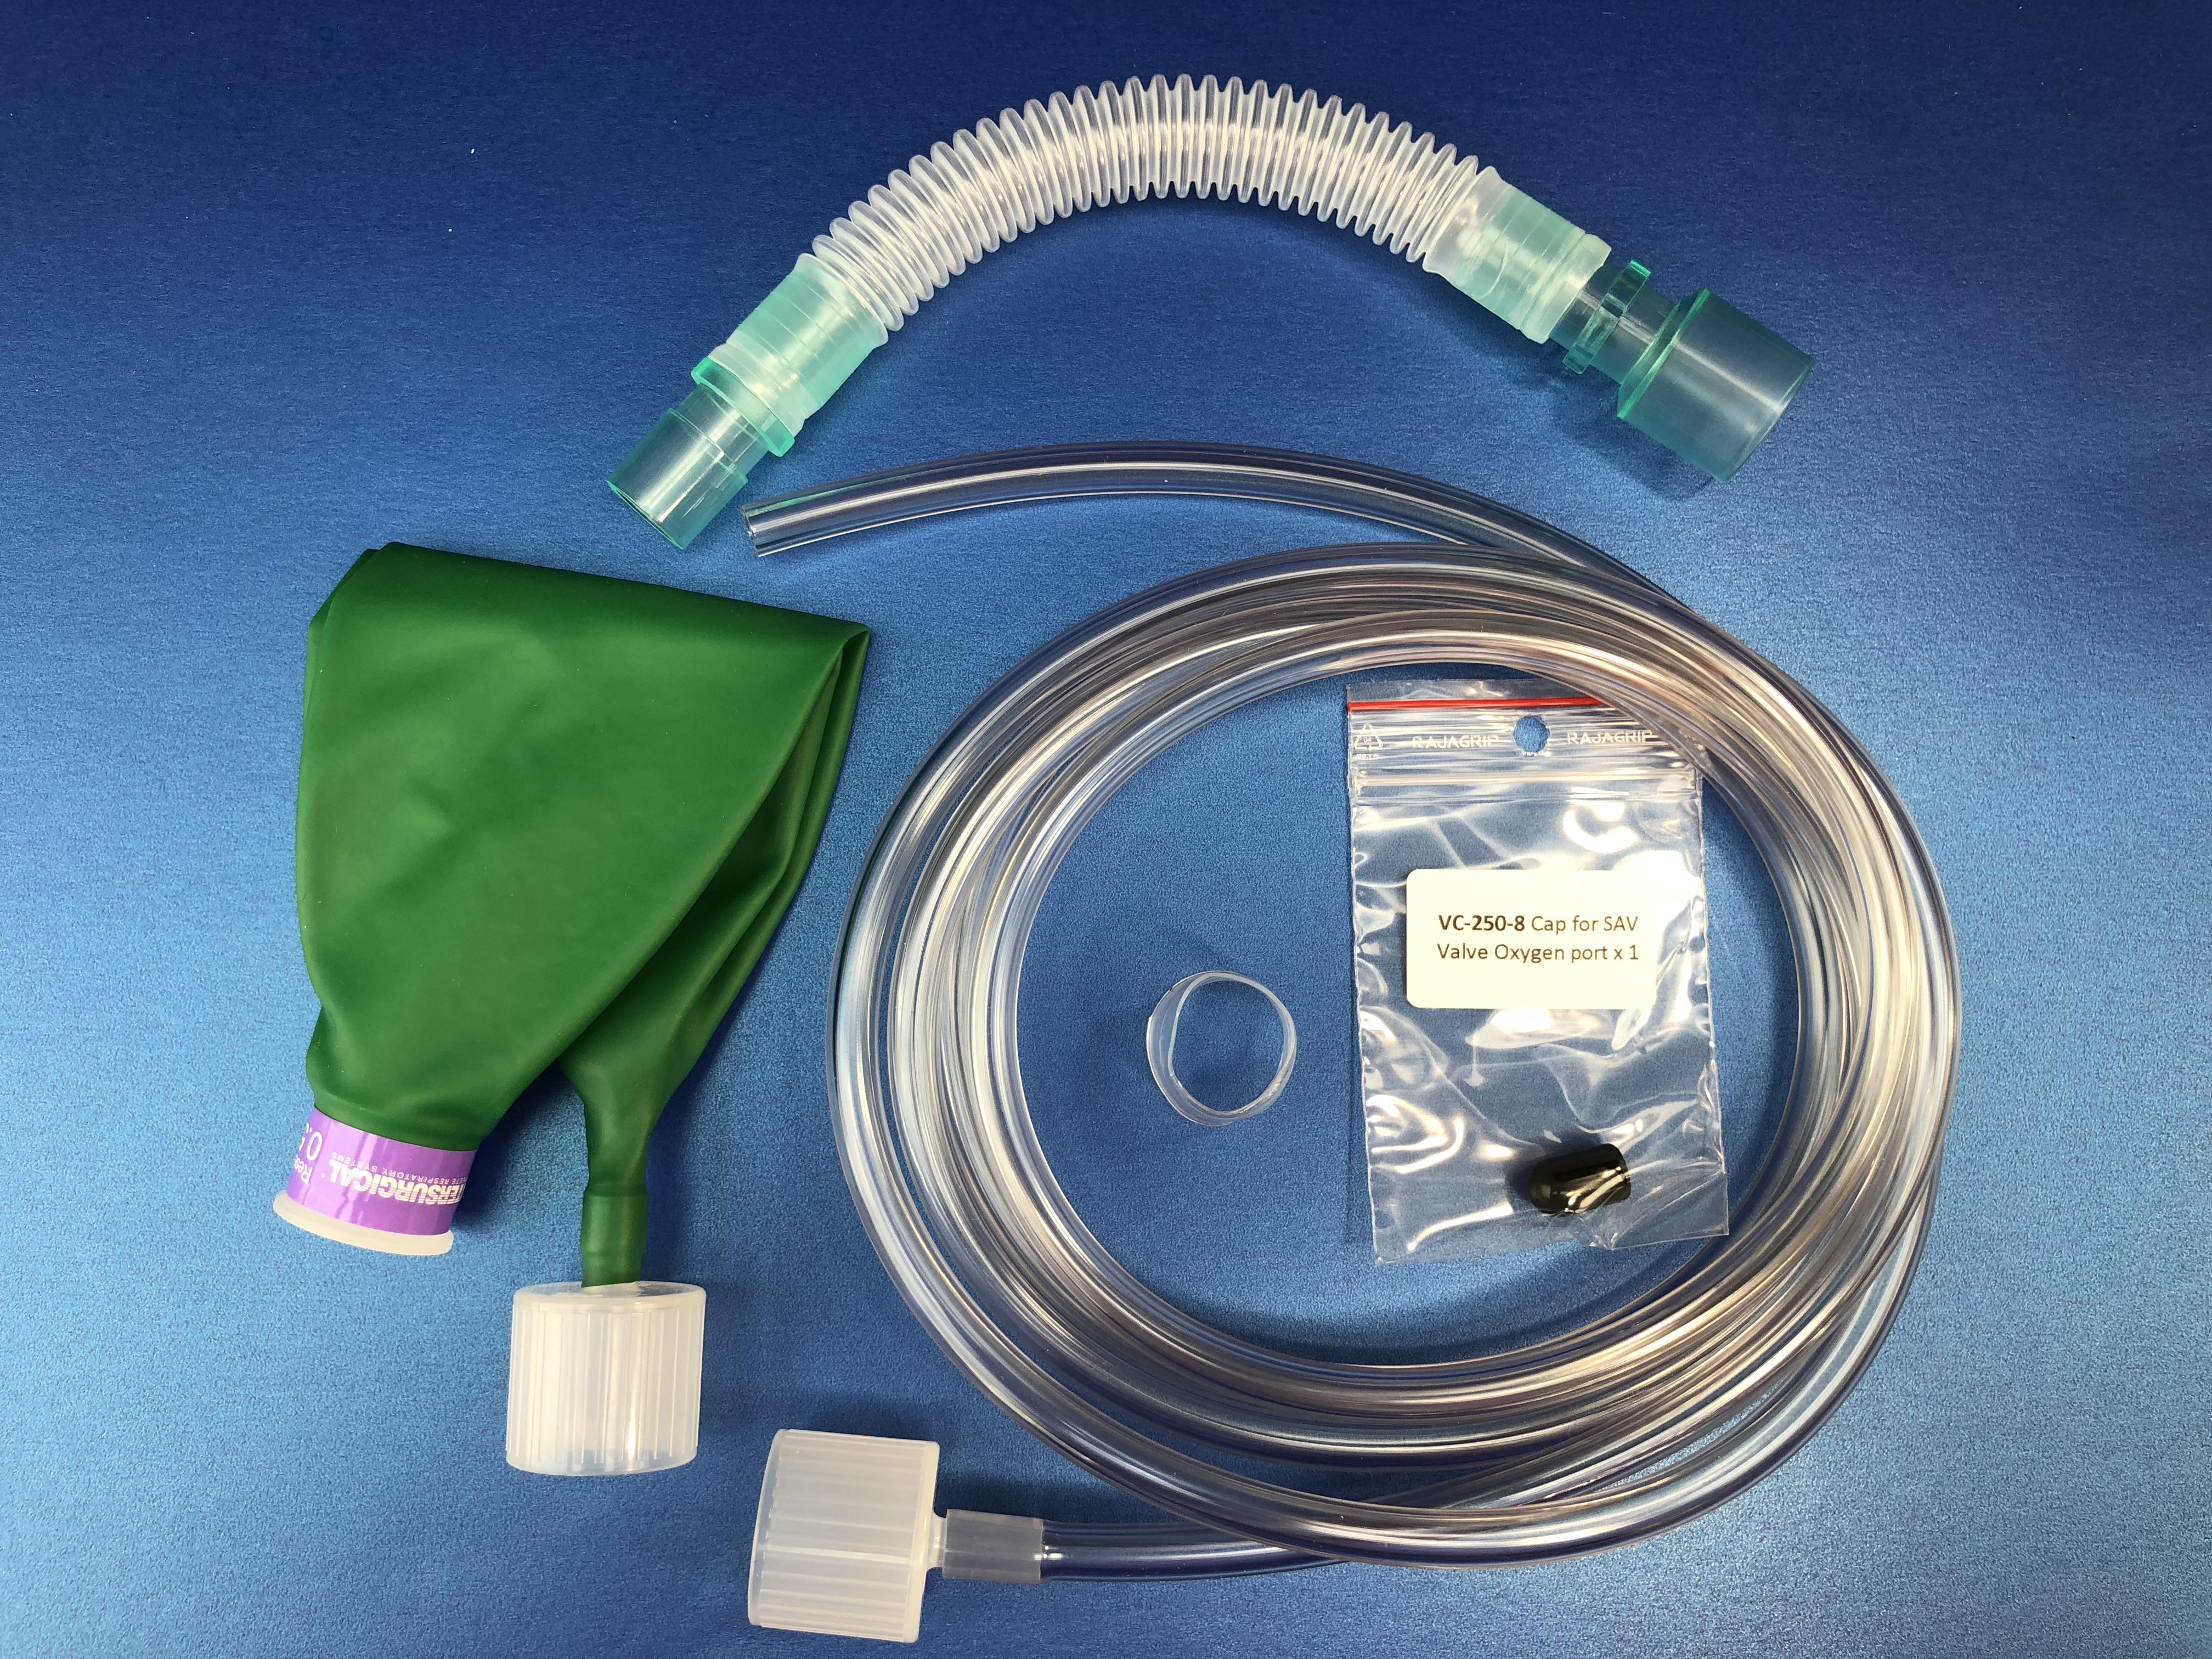 Connection Tubing Kit for SAV03